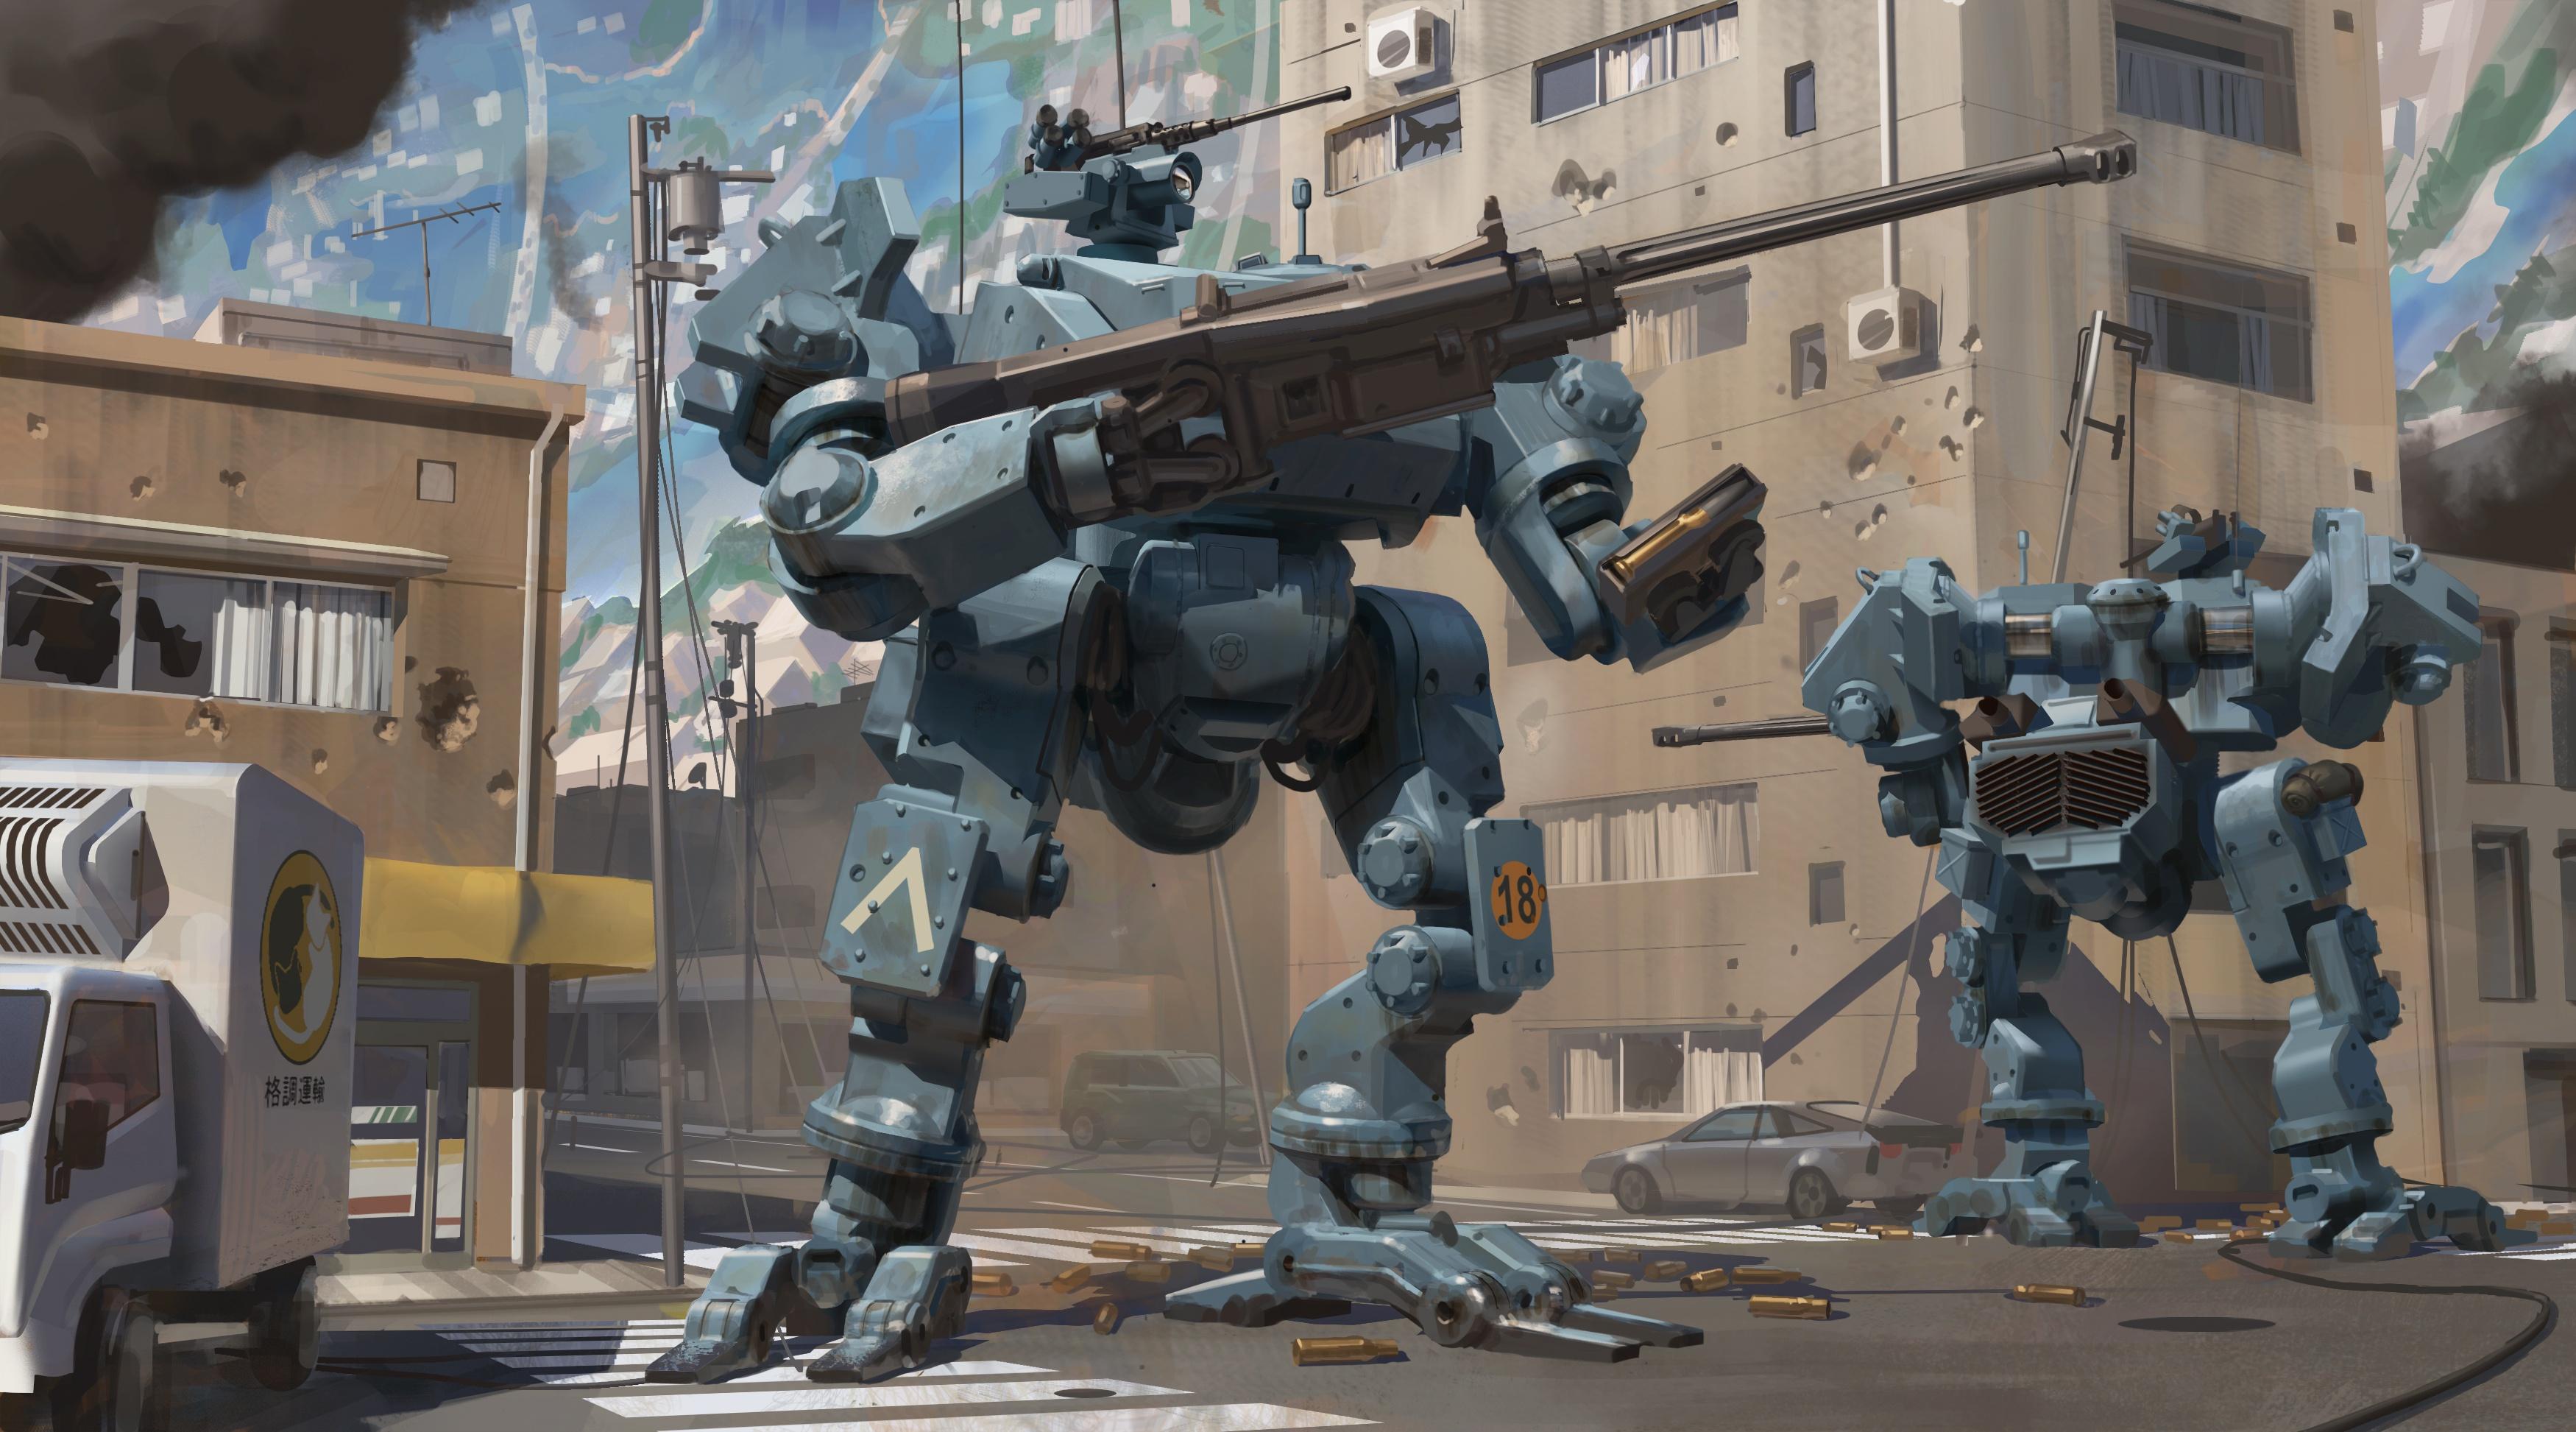 Robot 3500x1945